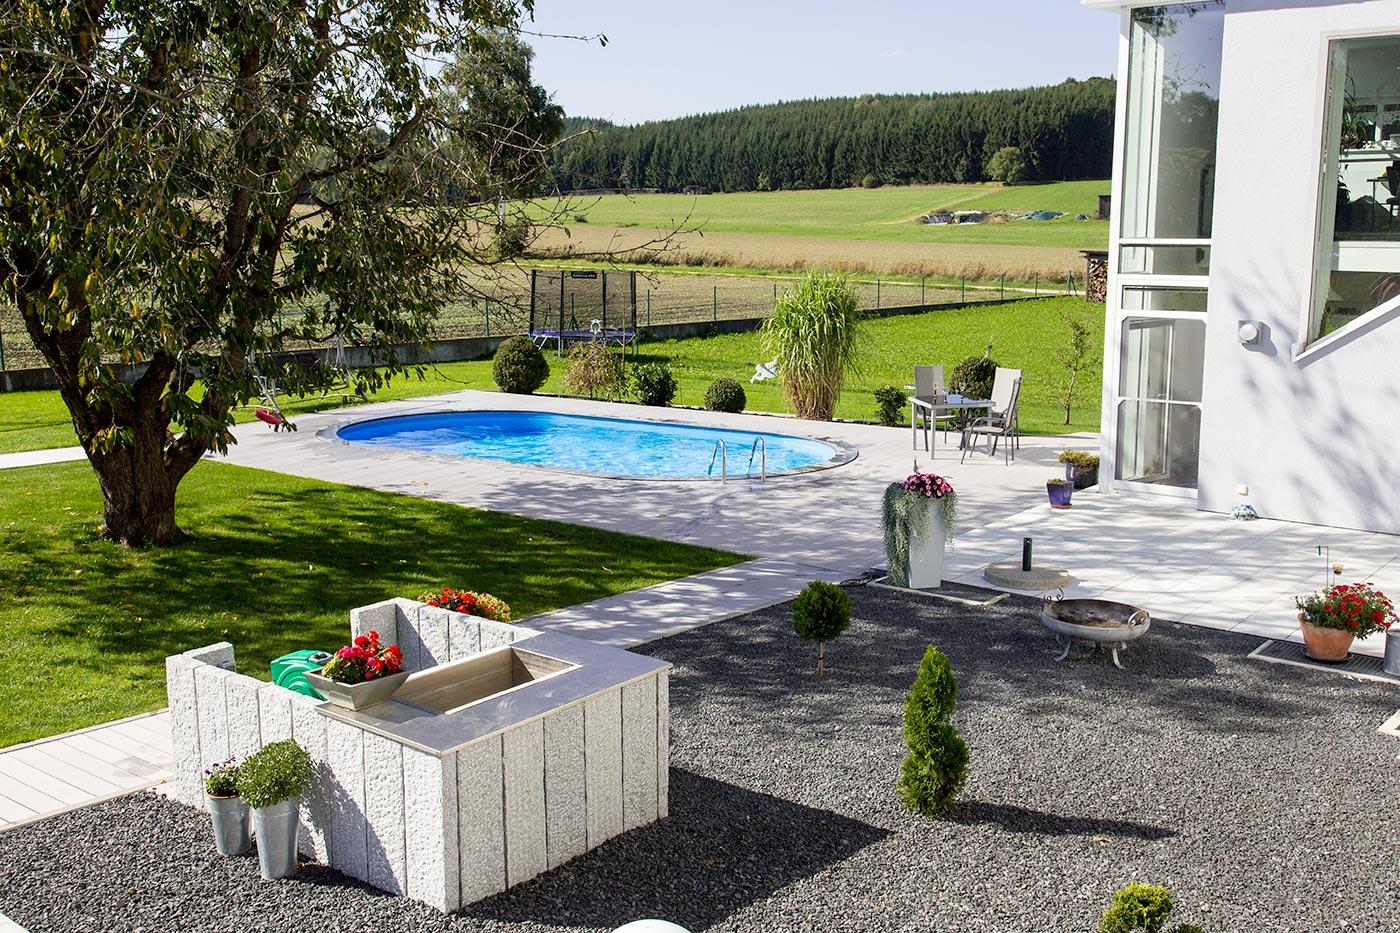 Pools stahlwandpools pool mit stahlwand for Oval stahlwandbecken